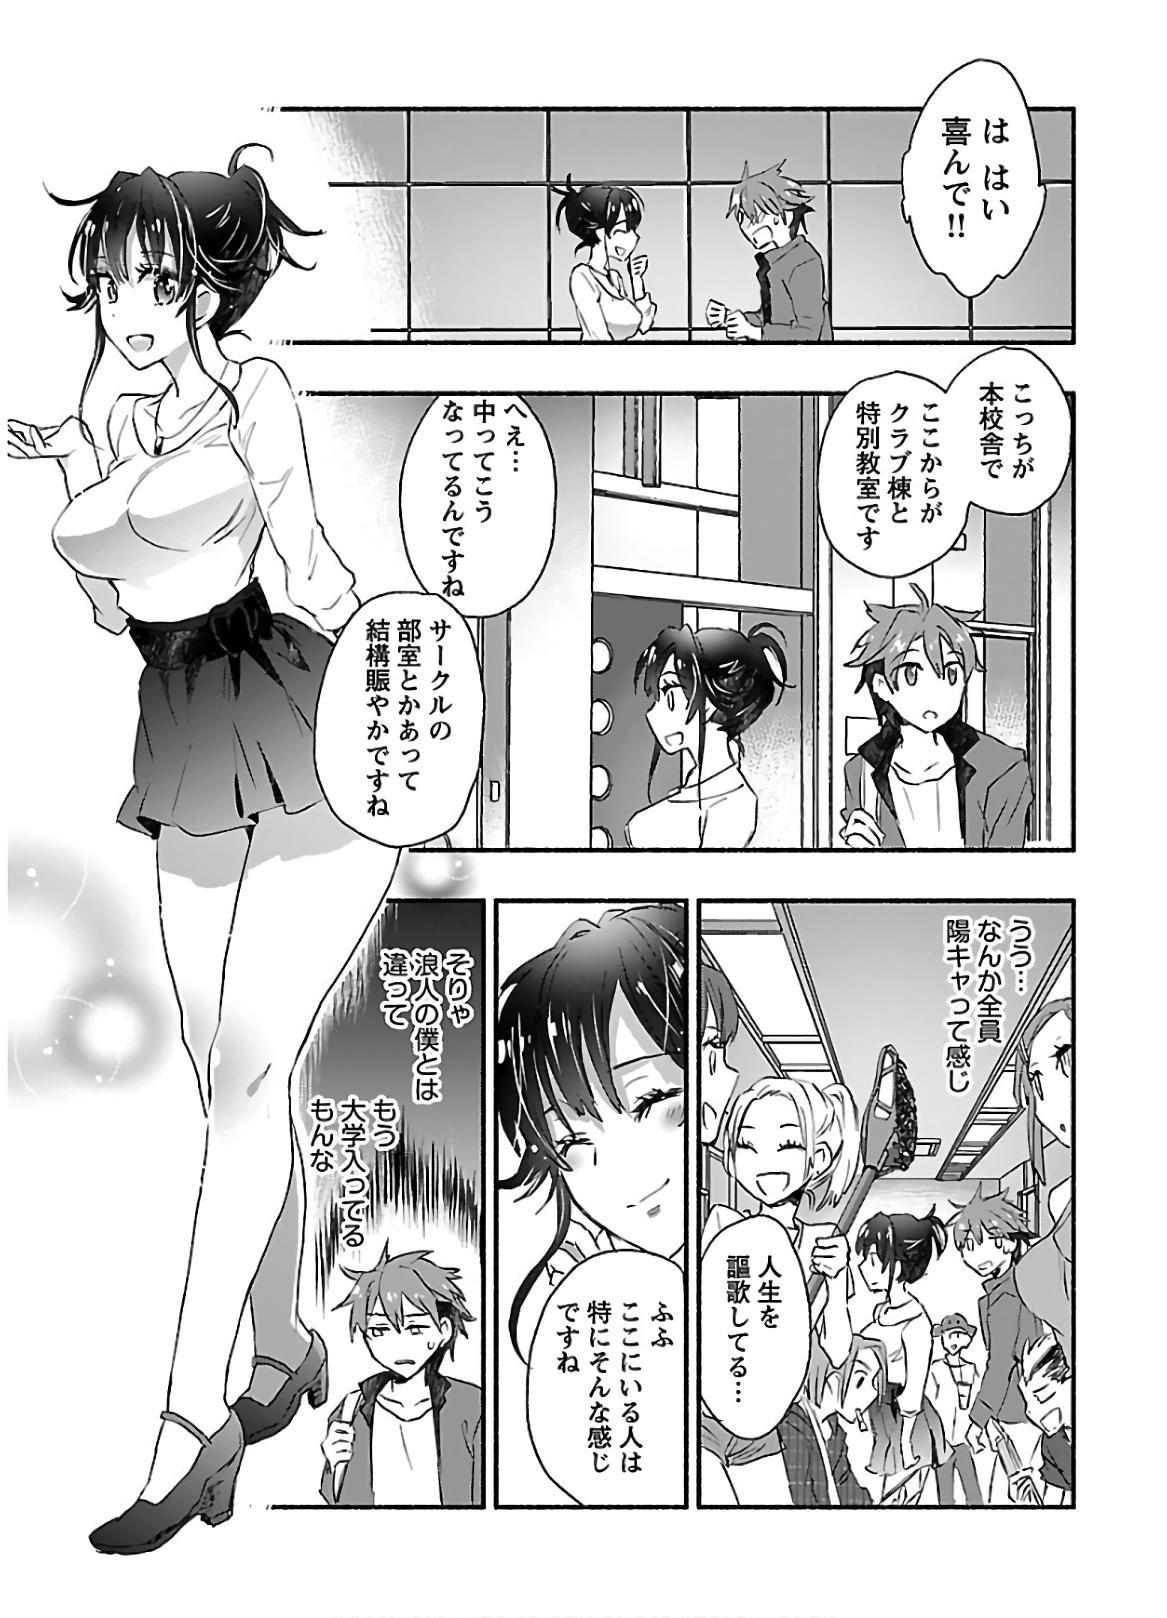 Yankii musume ni natsukarete kotoshi mo juken ni shippai shisou desu  vol.1 76